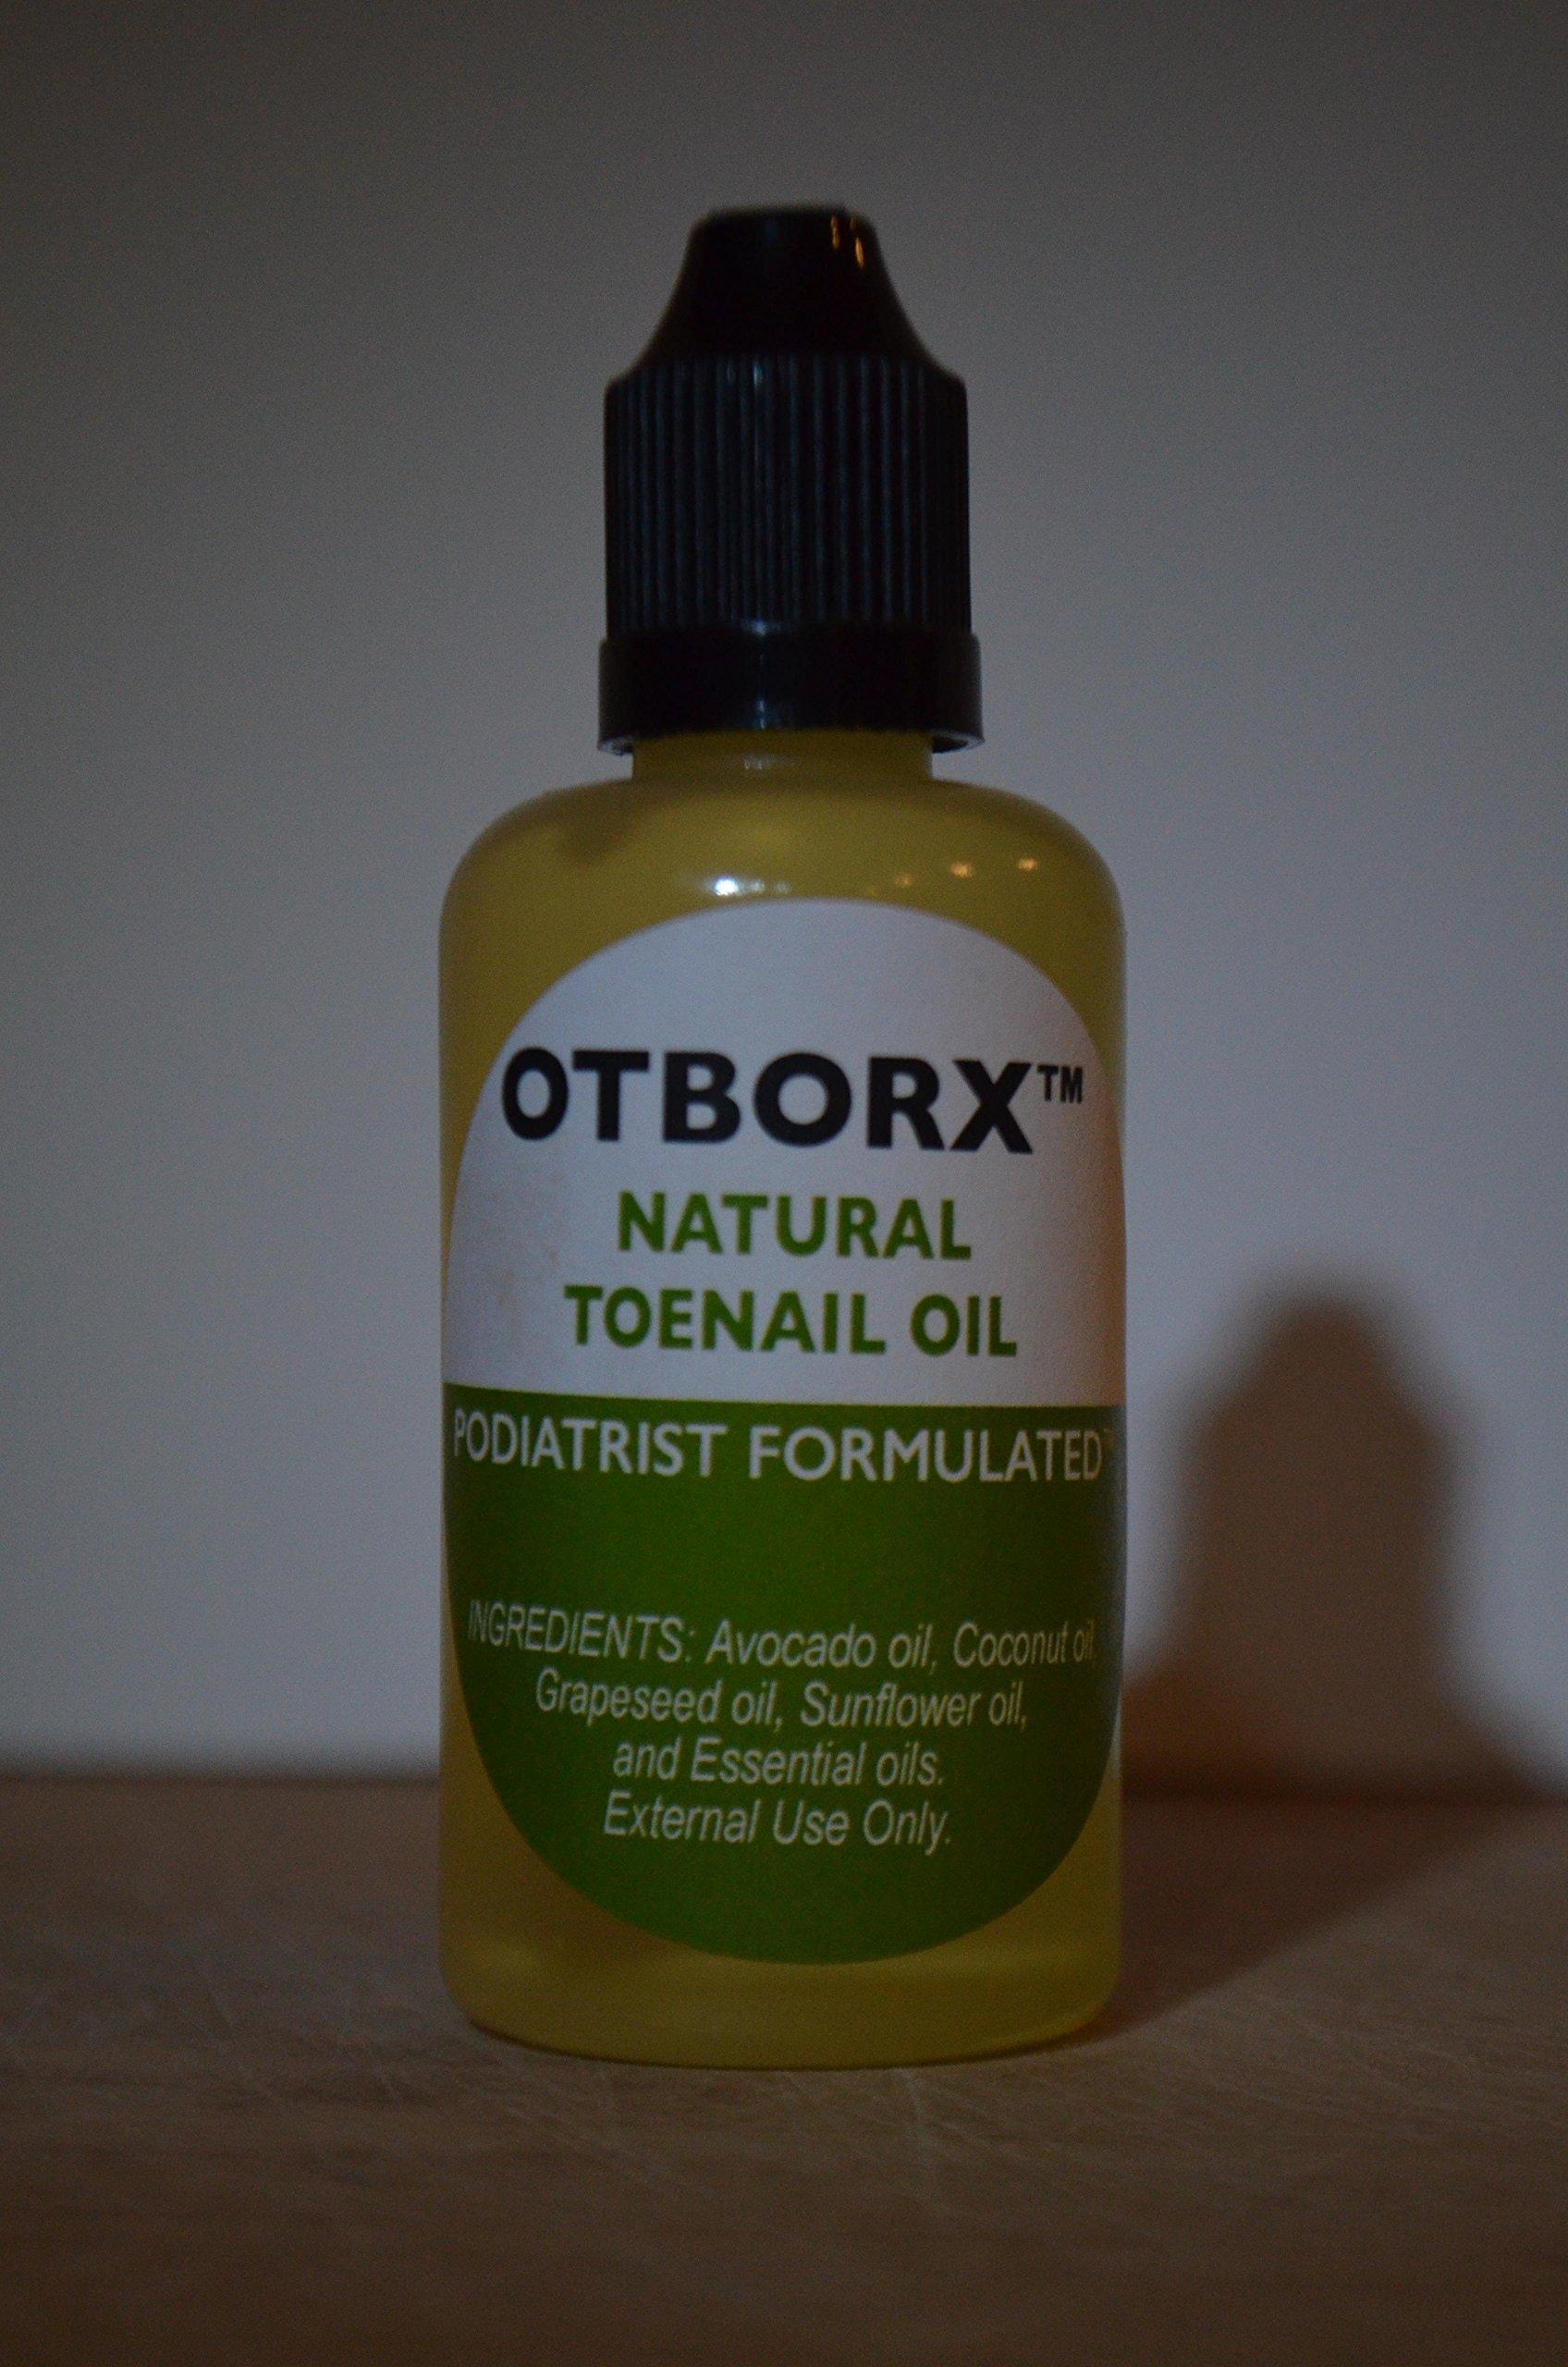 Natural Toenail Oil